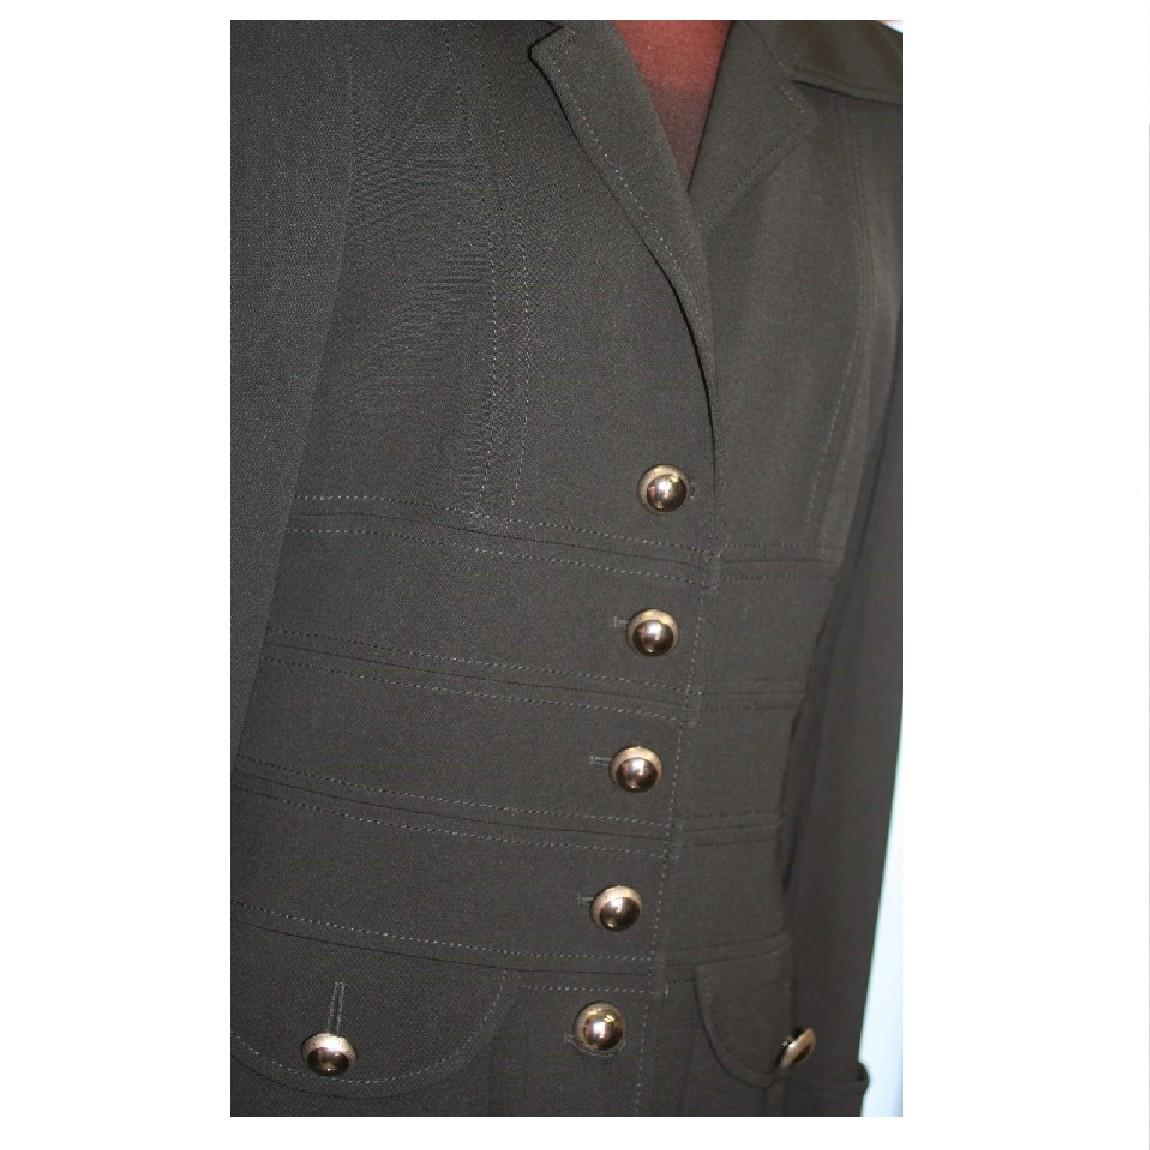 【中古】本物美品ESCADAエスカーダー女性用黒いロングコート34ギャバジン折着丈108cm ○D10-46